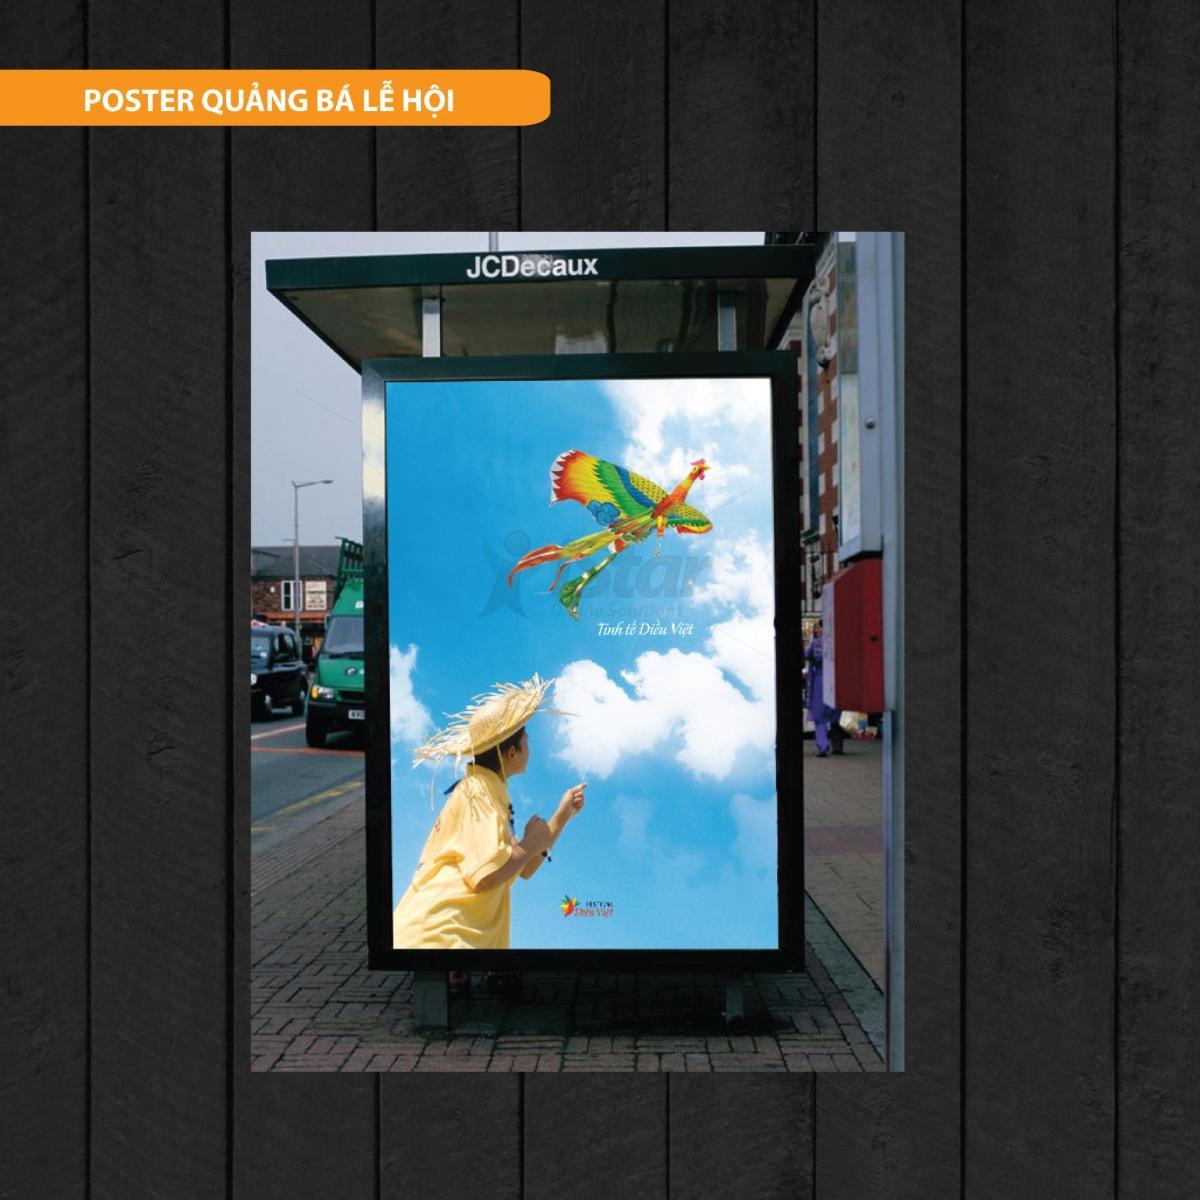 Thiết kế poster - in poster như thế nào